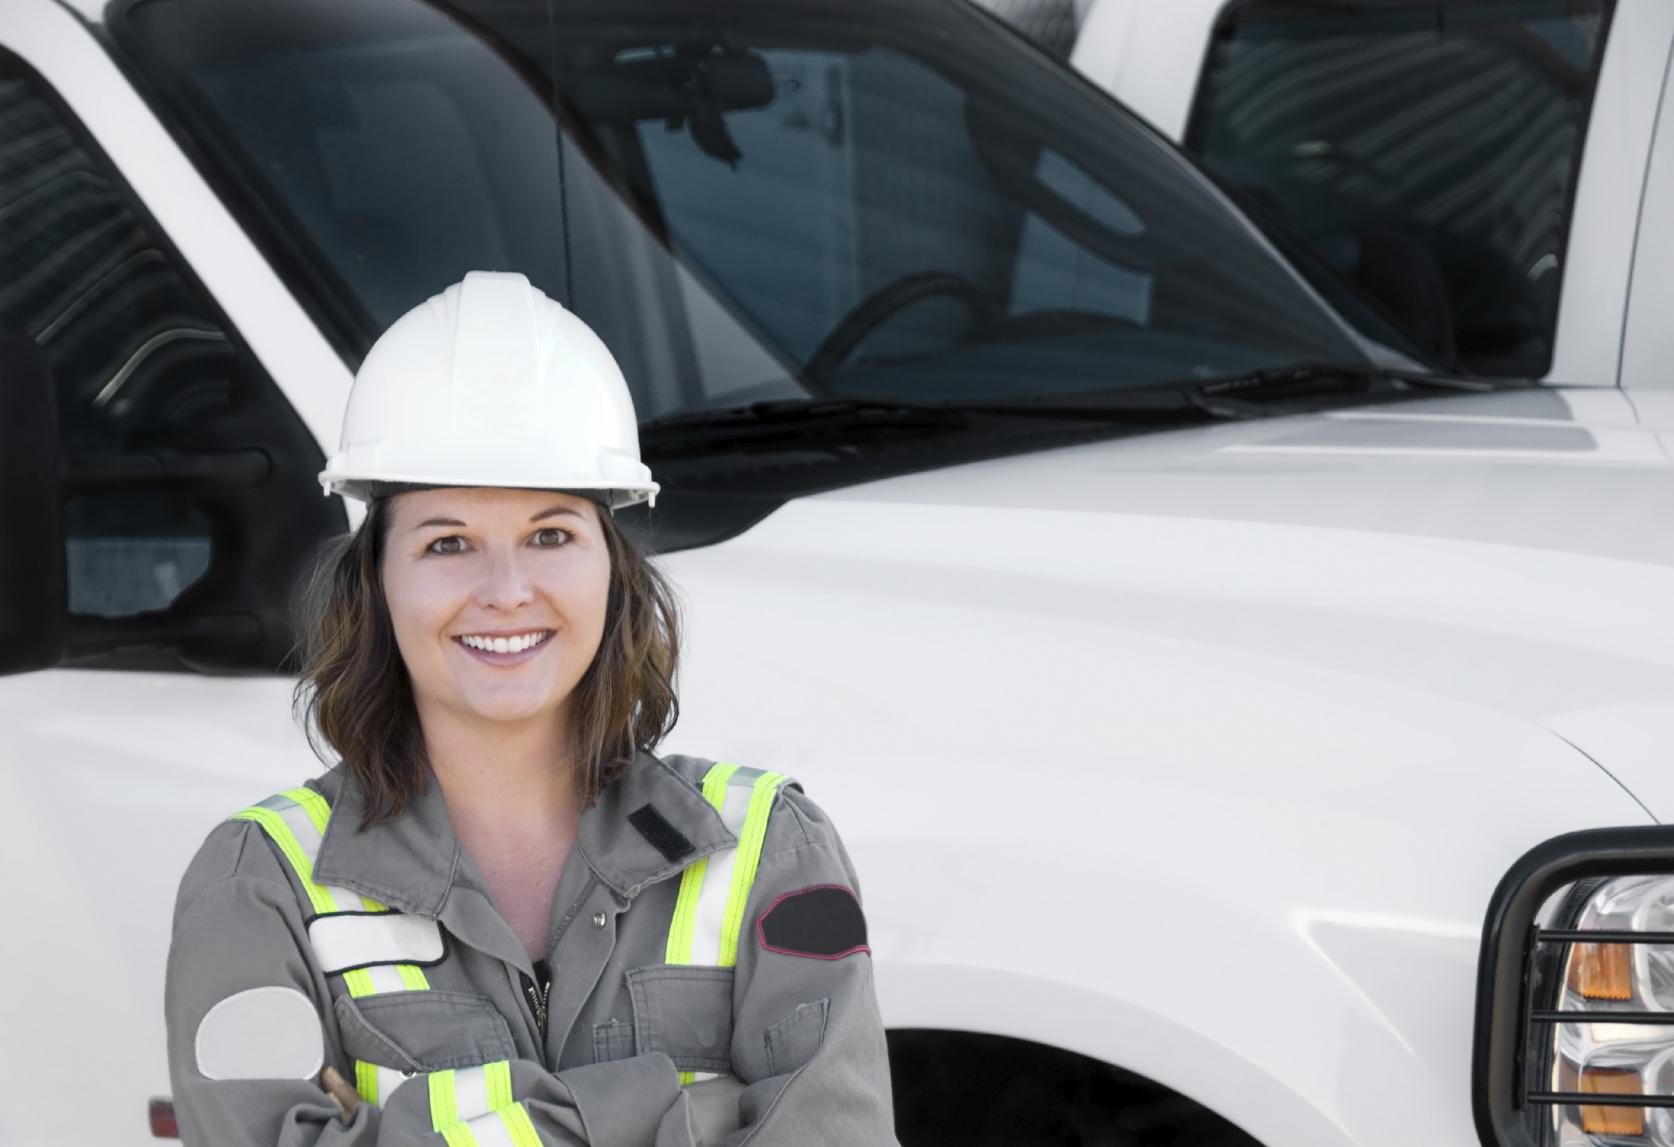 Une travailleuse devant son véhicule de service.